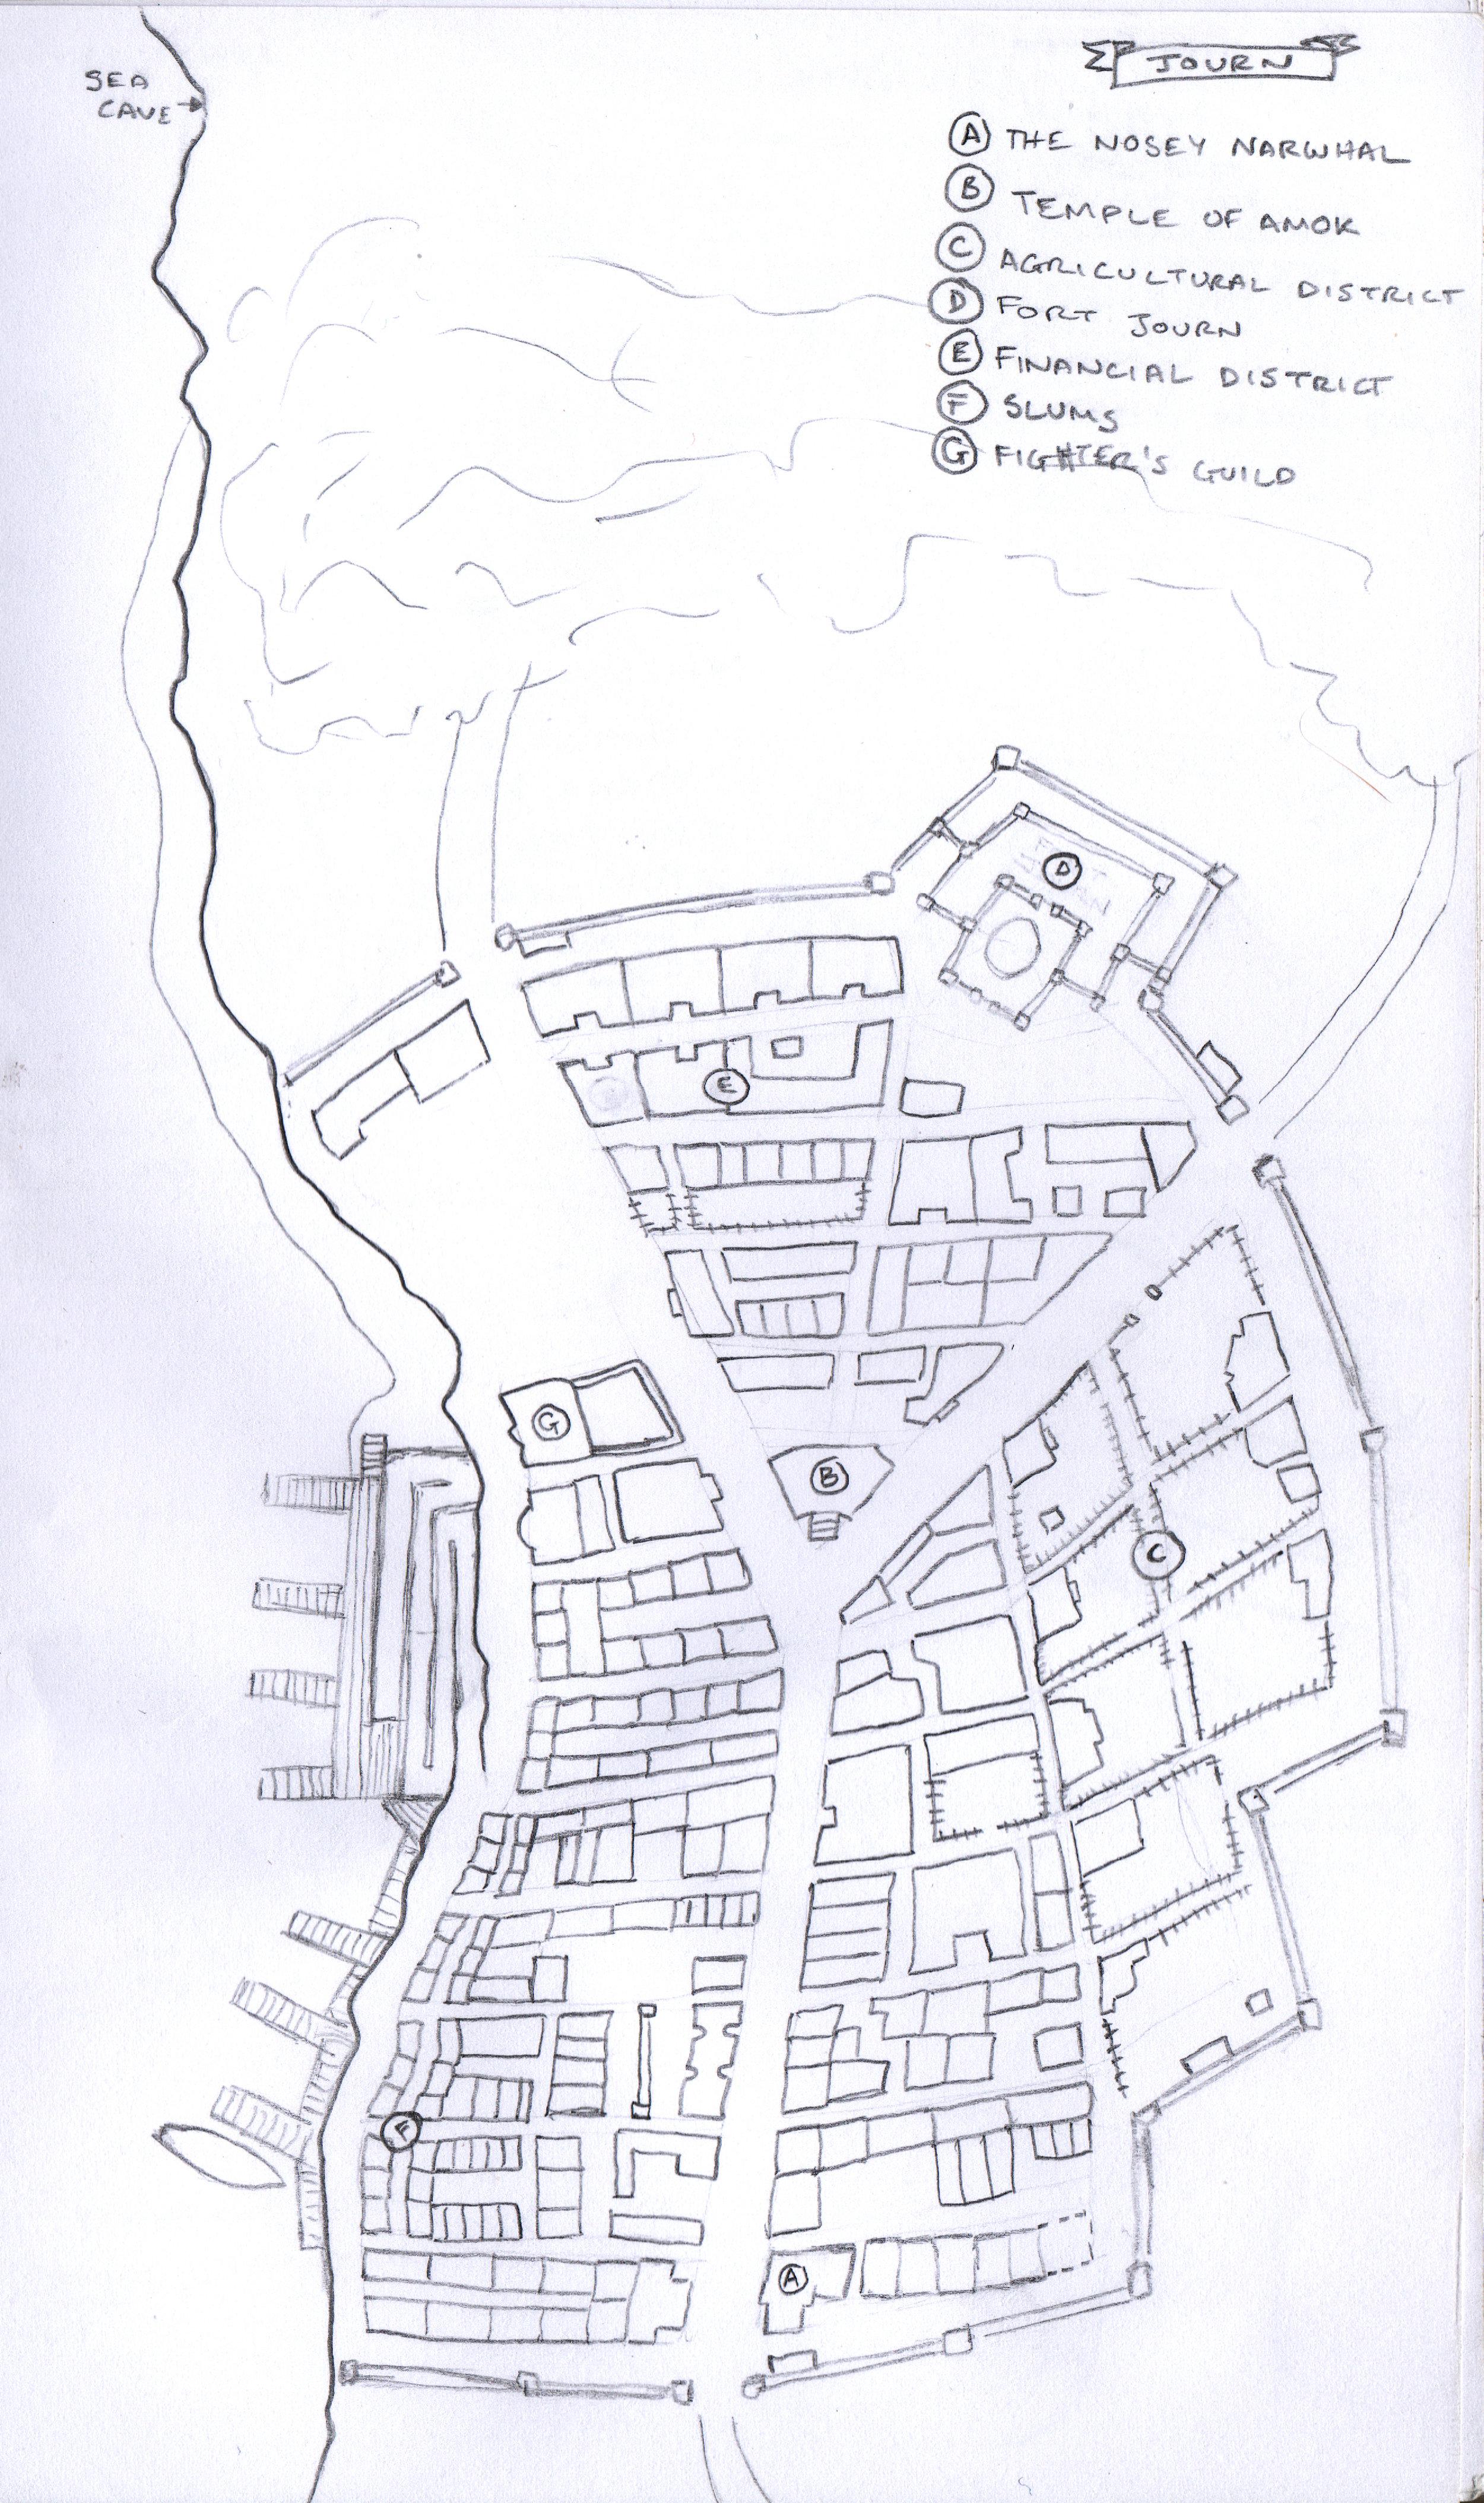 ch9.1_notebook_01.jpg